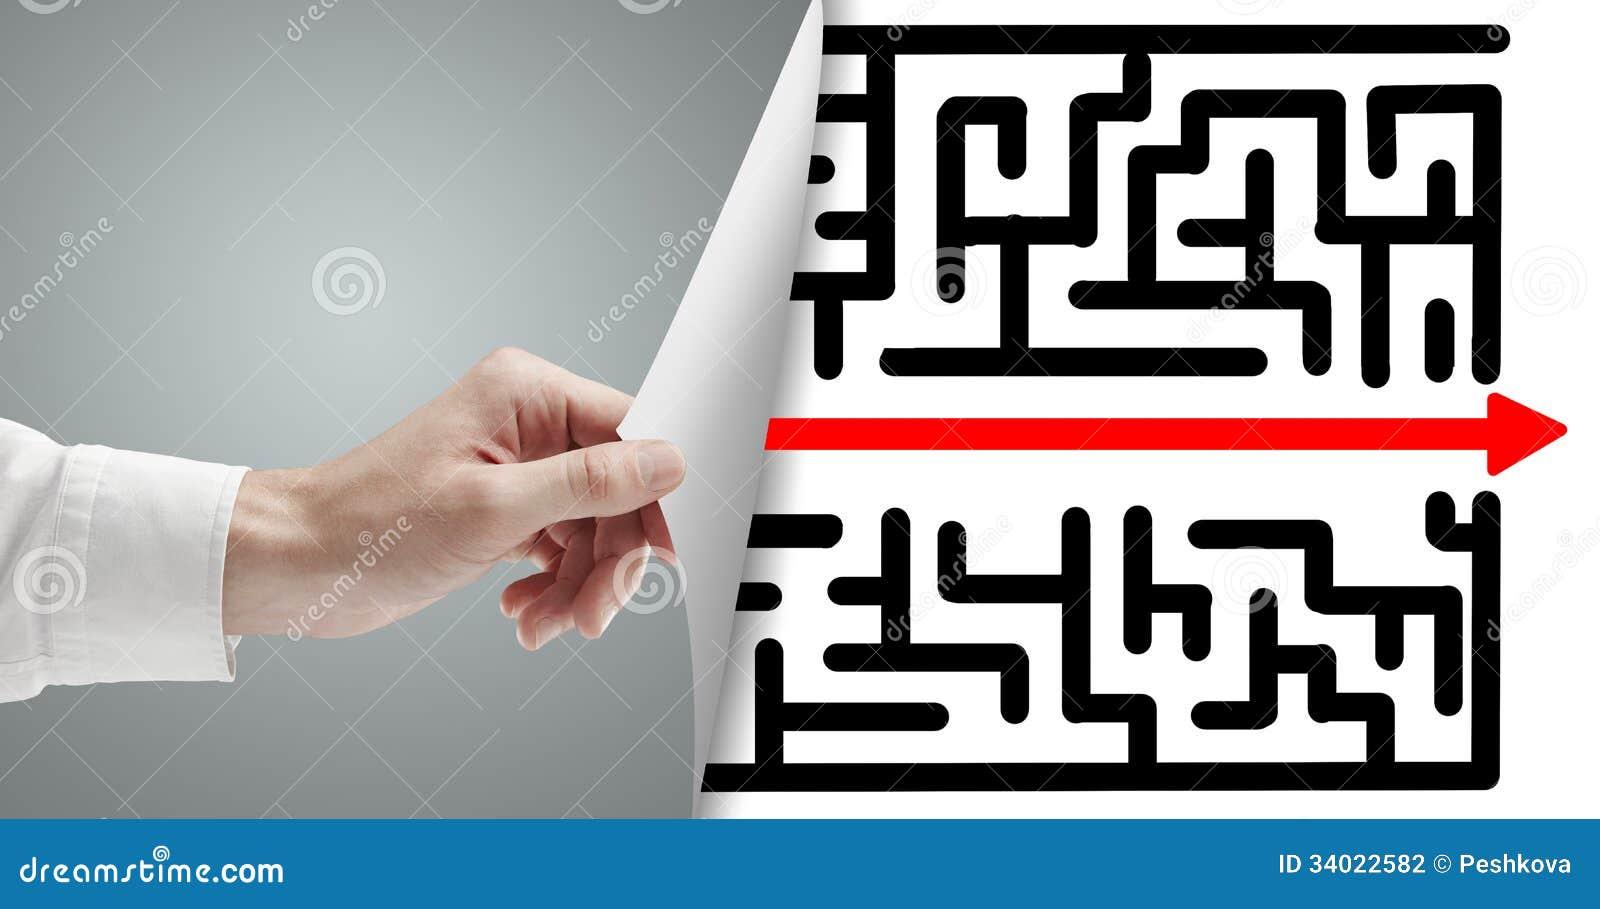 Sida med labyrint